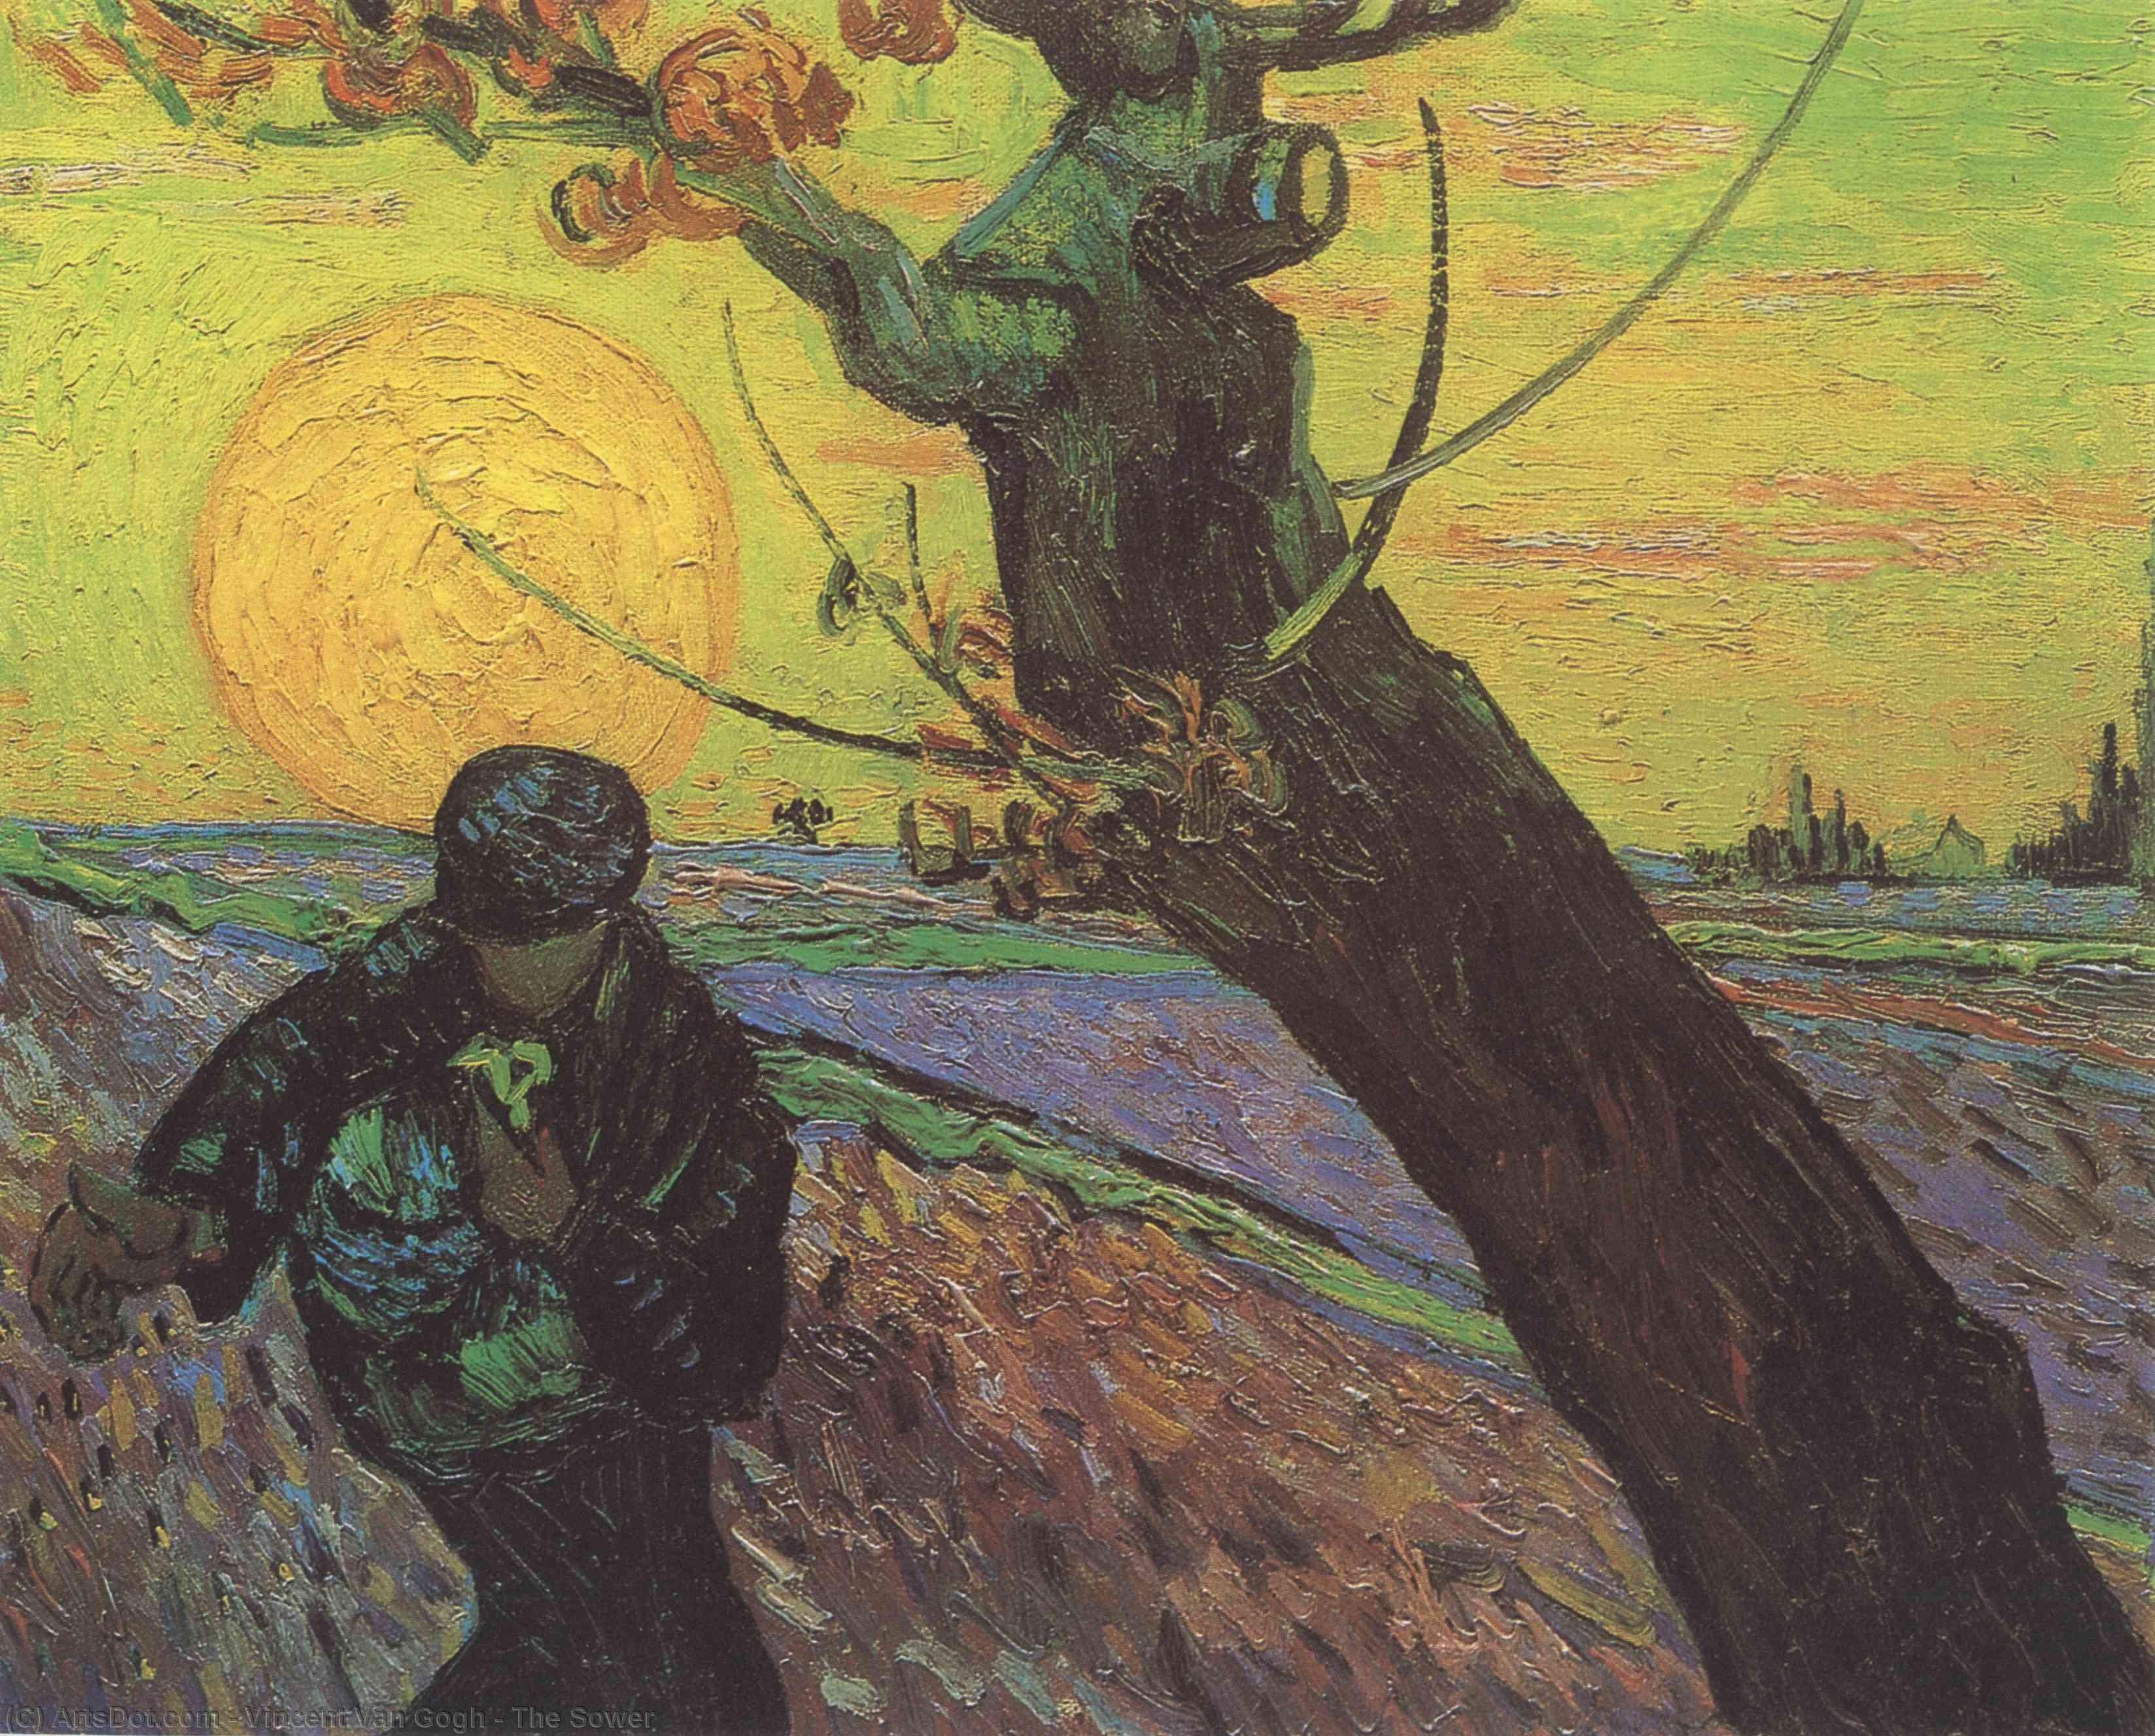 WikiOO.org - Енциклопедия за изящни изкуства - Живопис, Произведения на изкуството Vincent Van Gogh - The Sower